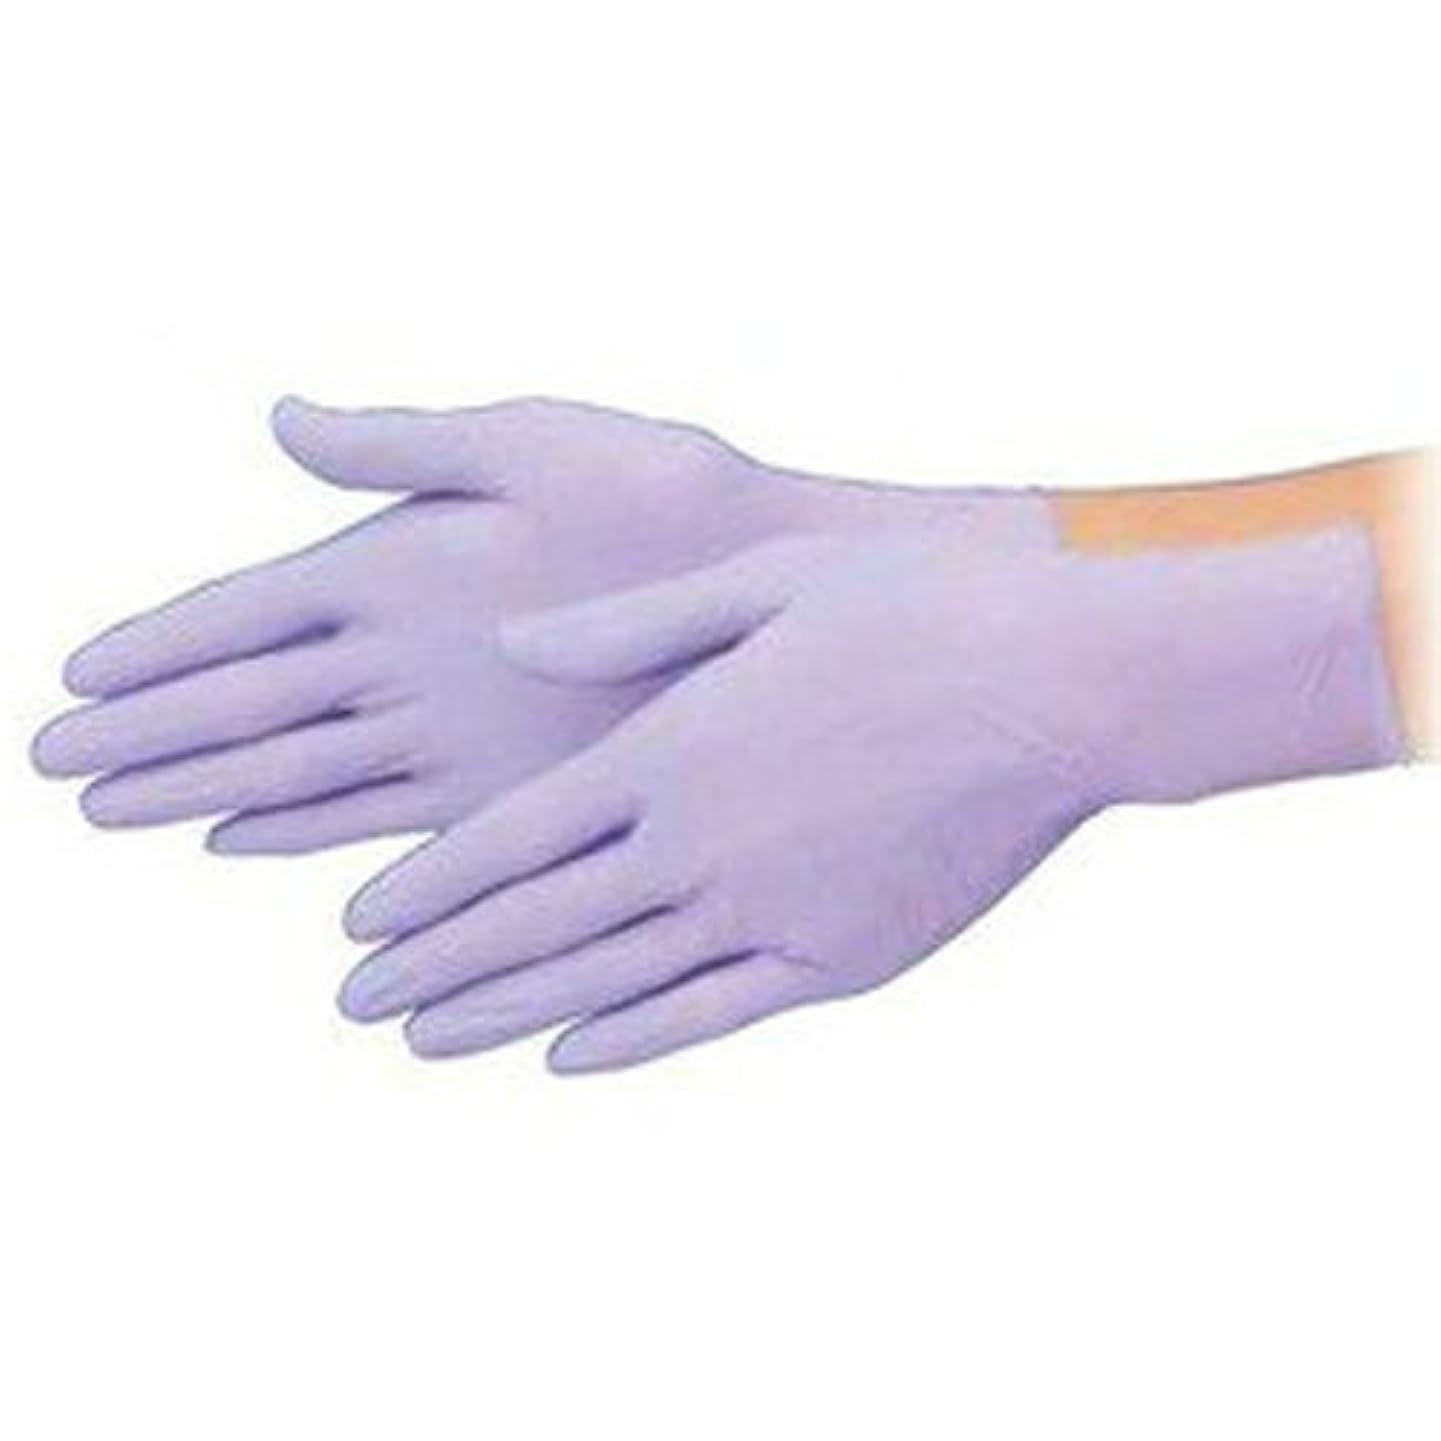 溝シャーク綺麗な使い捨て 手袋 エブノ 522 スタンダードニトリルライト パープル Sサイズ パウダーフリー 2ケース(100枚×60箱)